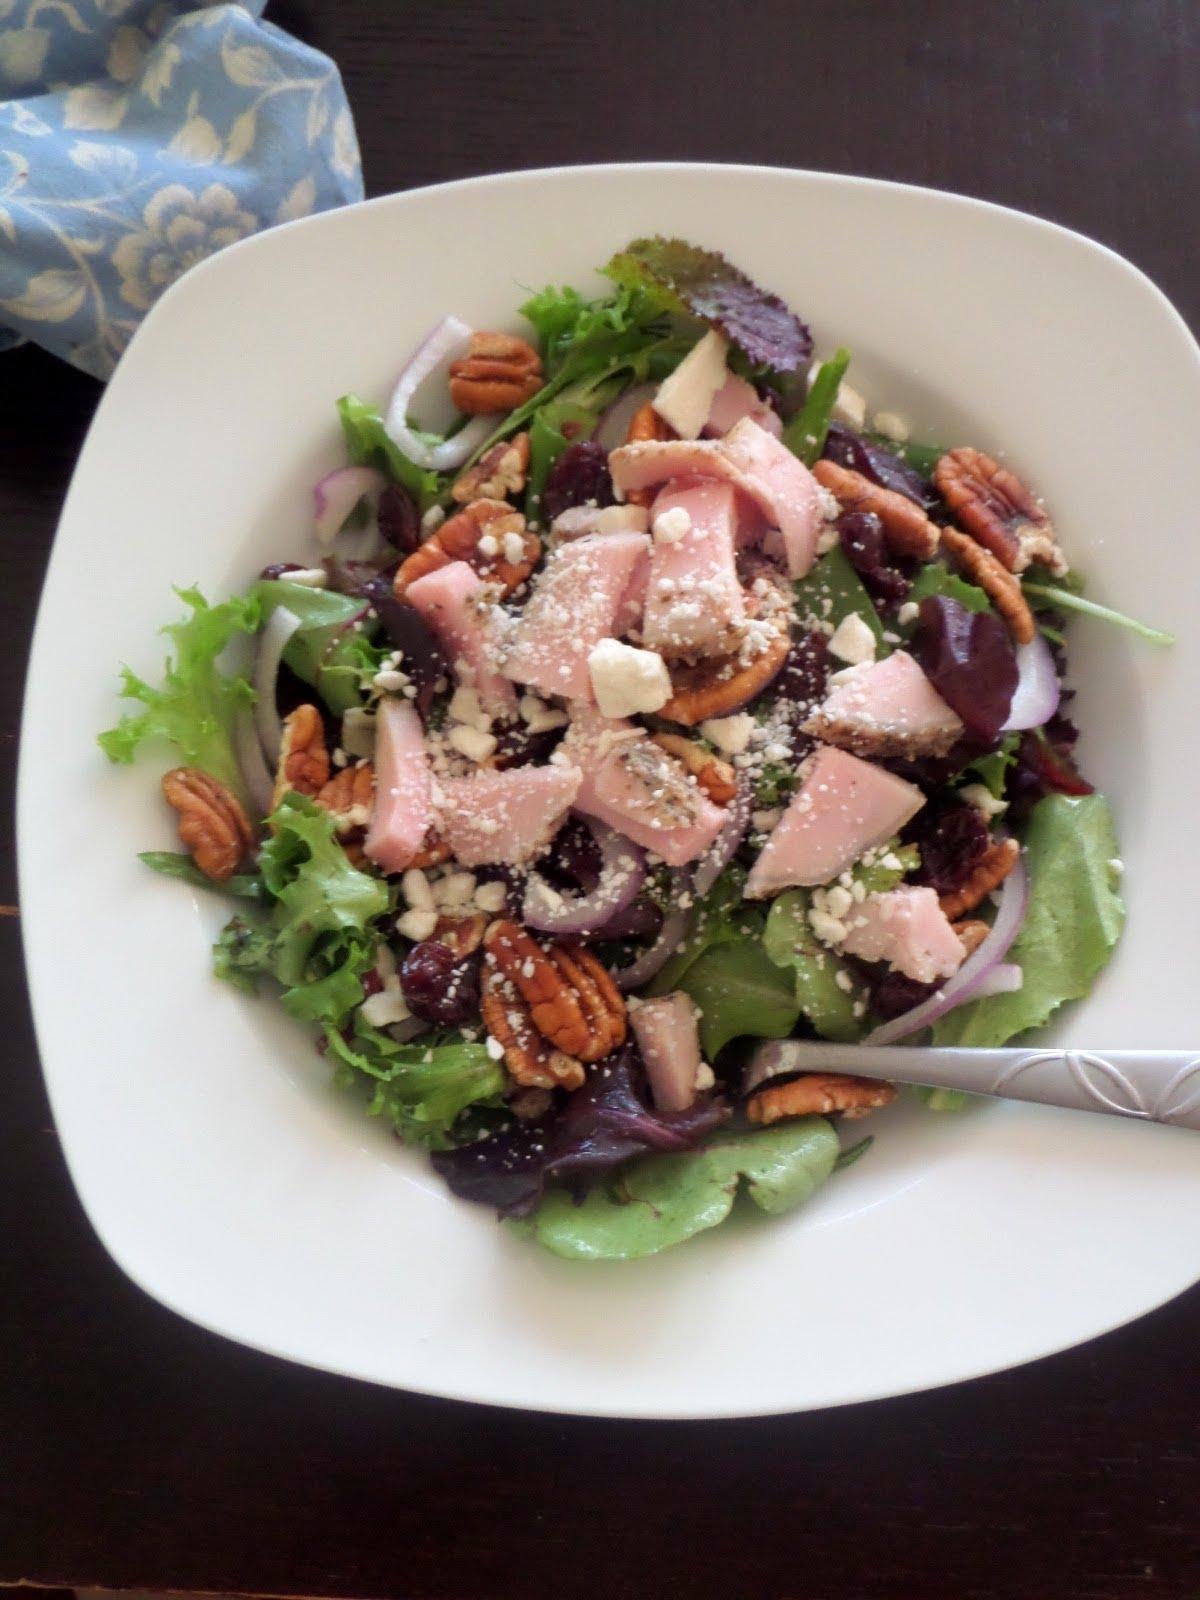 Pork Tenderloin Salad:  Tender Herb Roasted Pork Tenderloin on a green salad tossed in a lemon thyme dressing.